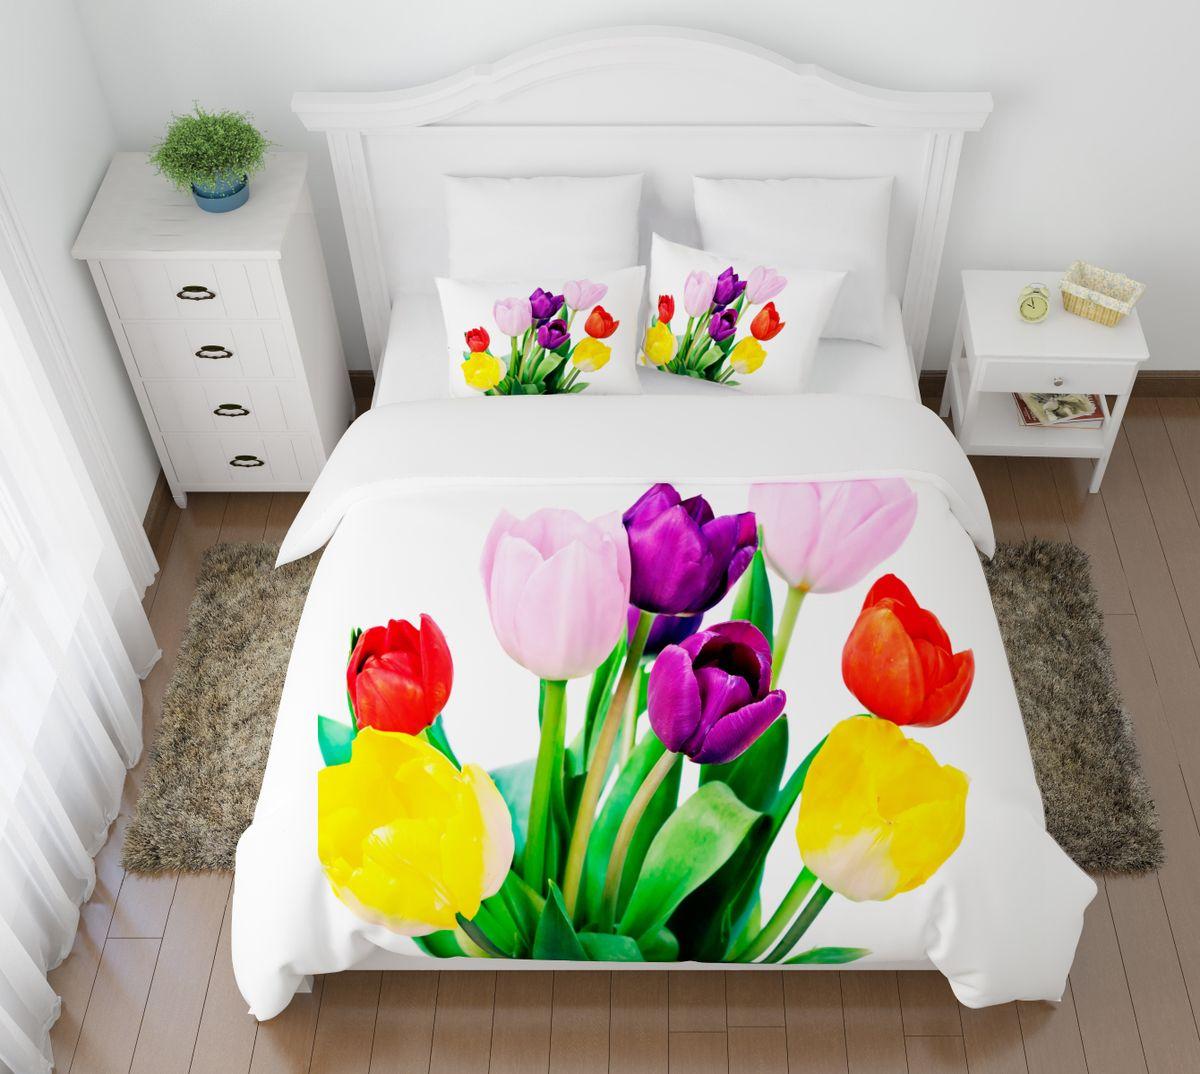 Комплект белья Сирень Весенние цветы, 1,5-спальный, наволочки 50x70FA-5125 WhiteКомплект постельного белья Сирень состоит из простыни, пододеяльника и 2 наволочек. Комплект выполнен из современных гипоаллергенных материалов. Приятный при прикосновении сатин - гарантия здорового, спокойного сна. Ткань хорошо впитывает влагу, надолго сохраняет яркость красок. Четкий, изящный рисунок в сочетании с насыщенными красками делает комплект постельного белья неповторимой изюминкой любого интерьера. Постельное белье идеально подойдет для подарка.